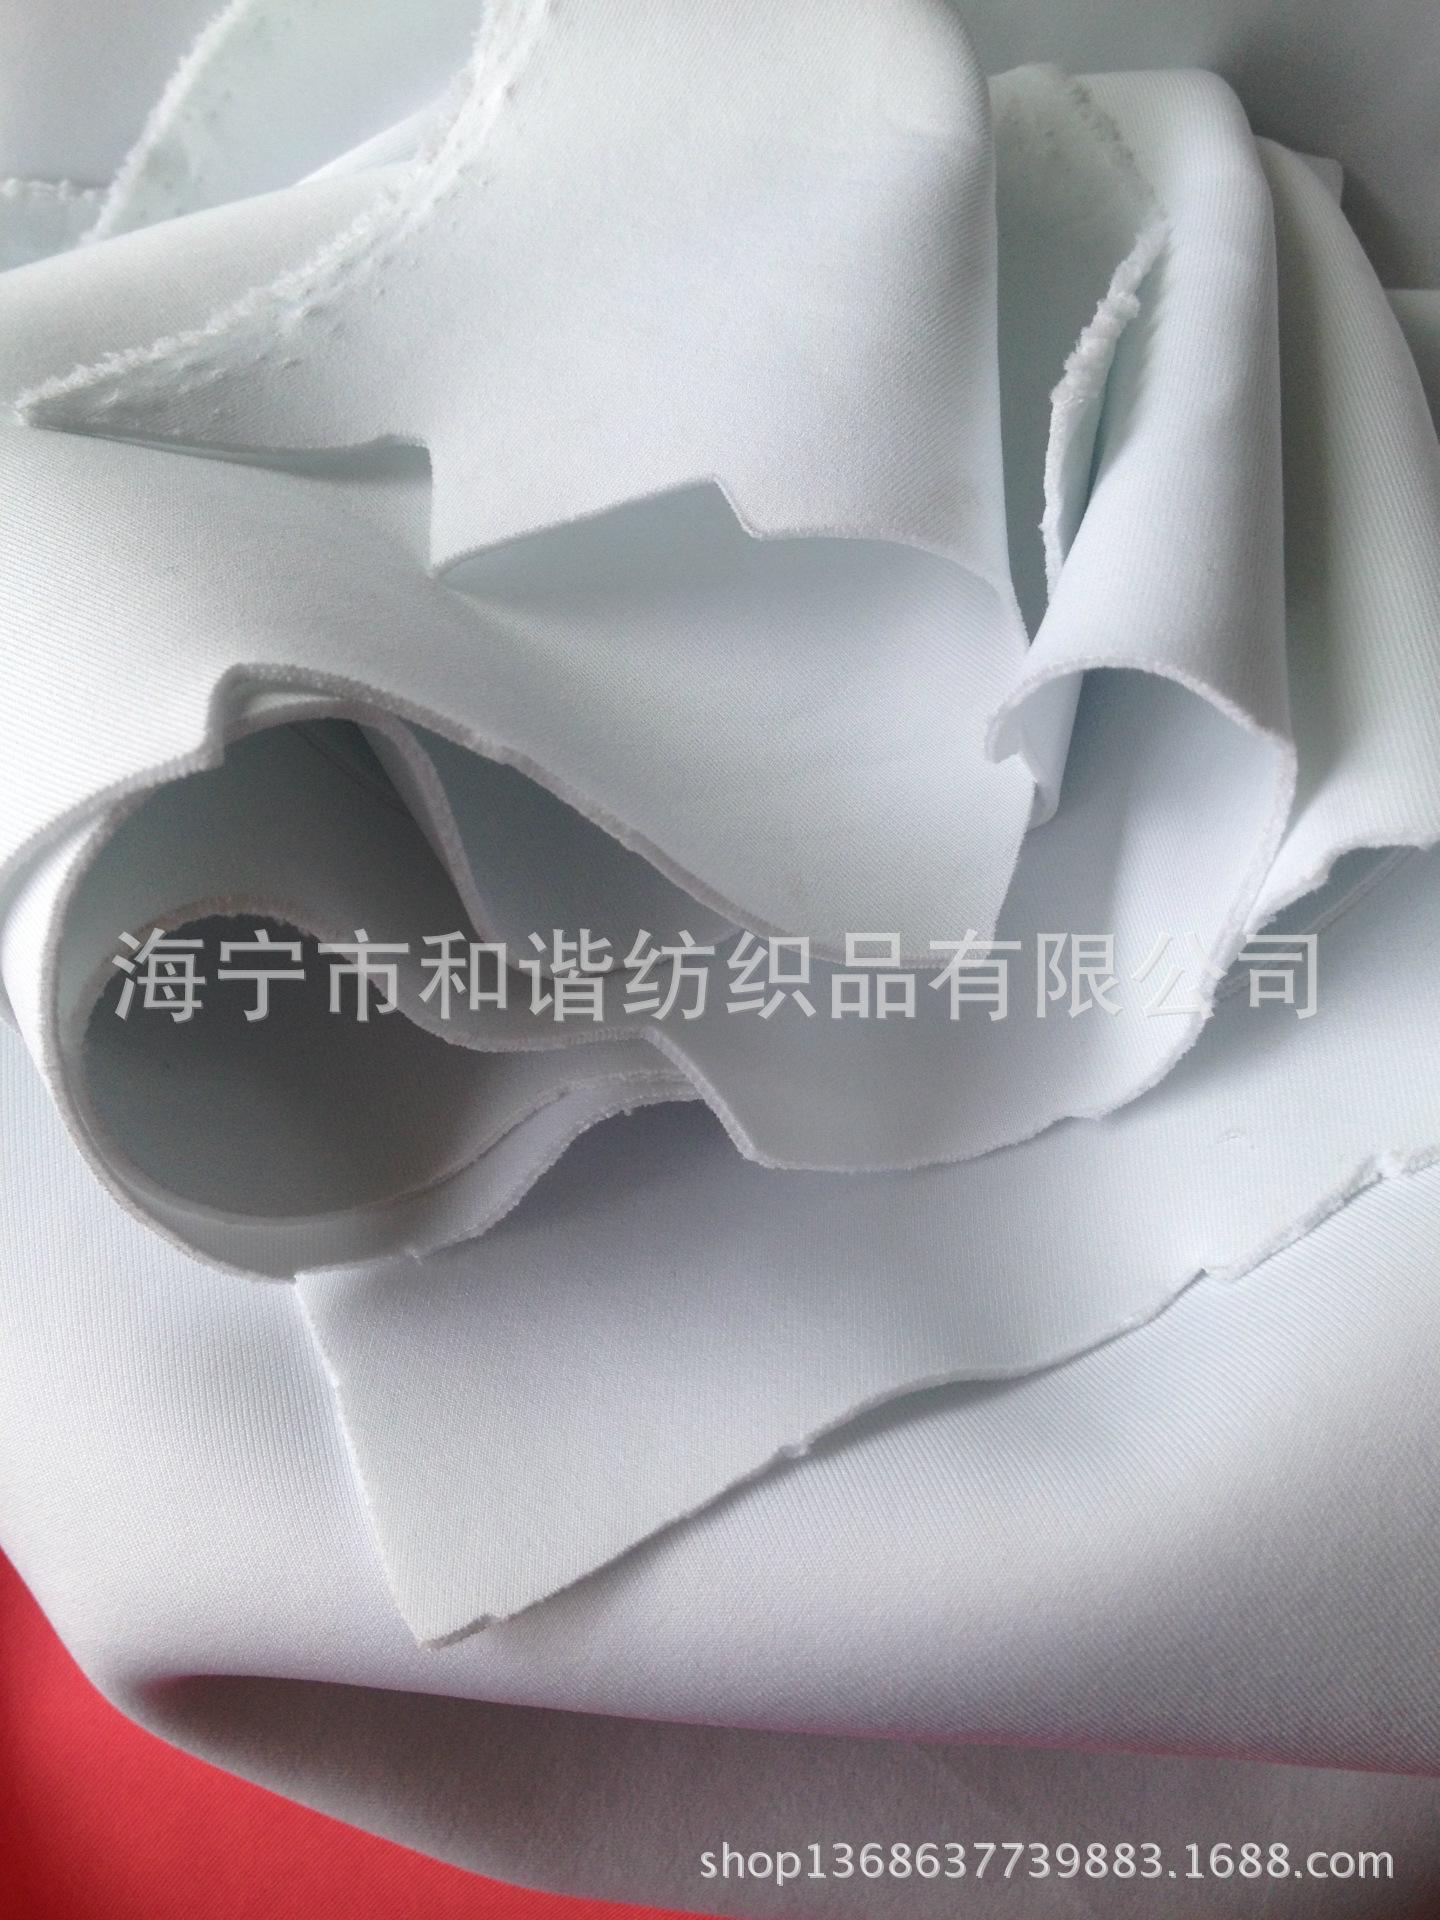 供应四面弹双面布箱包材料 鞋材特厚弹力面料 空气层高克重